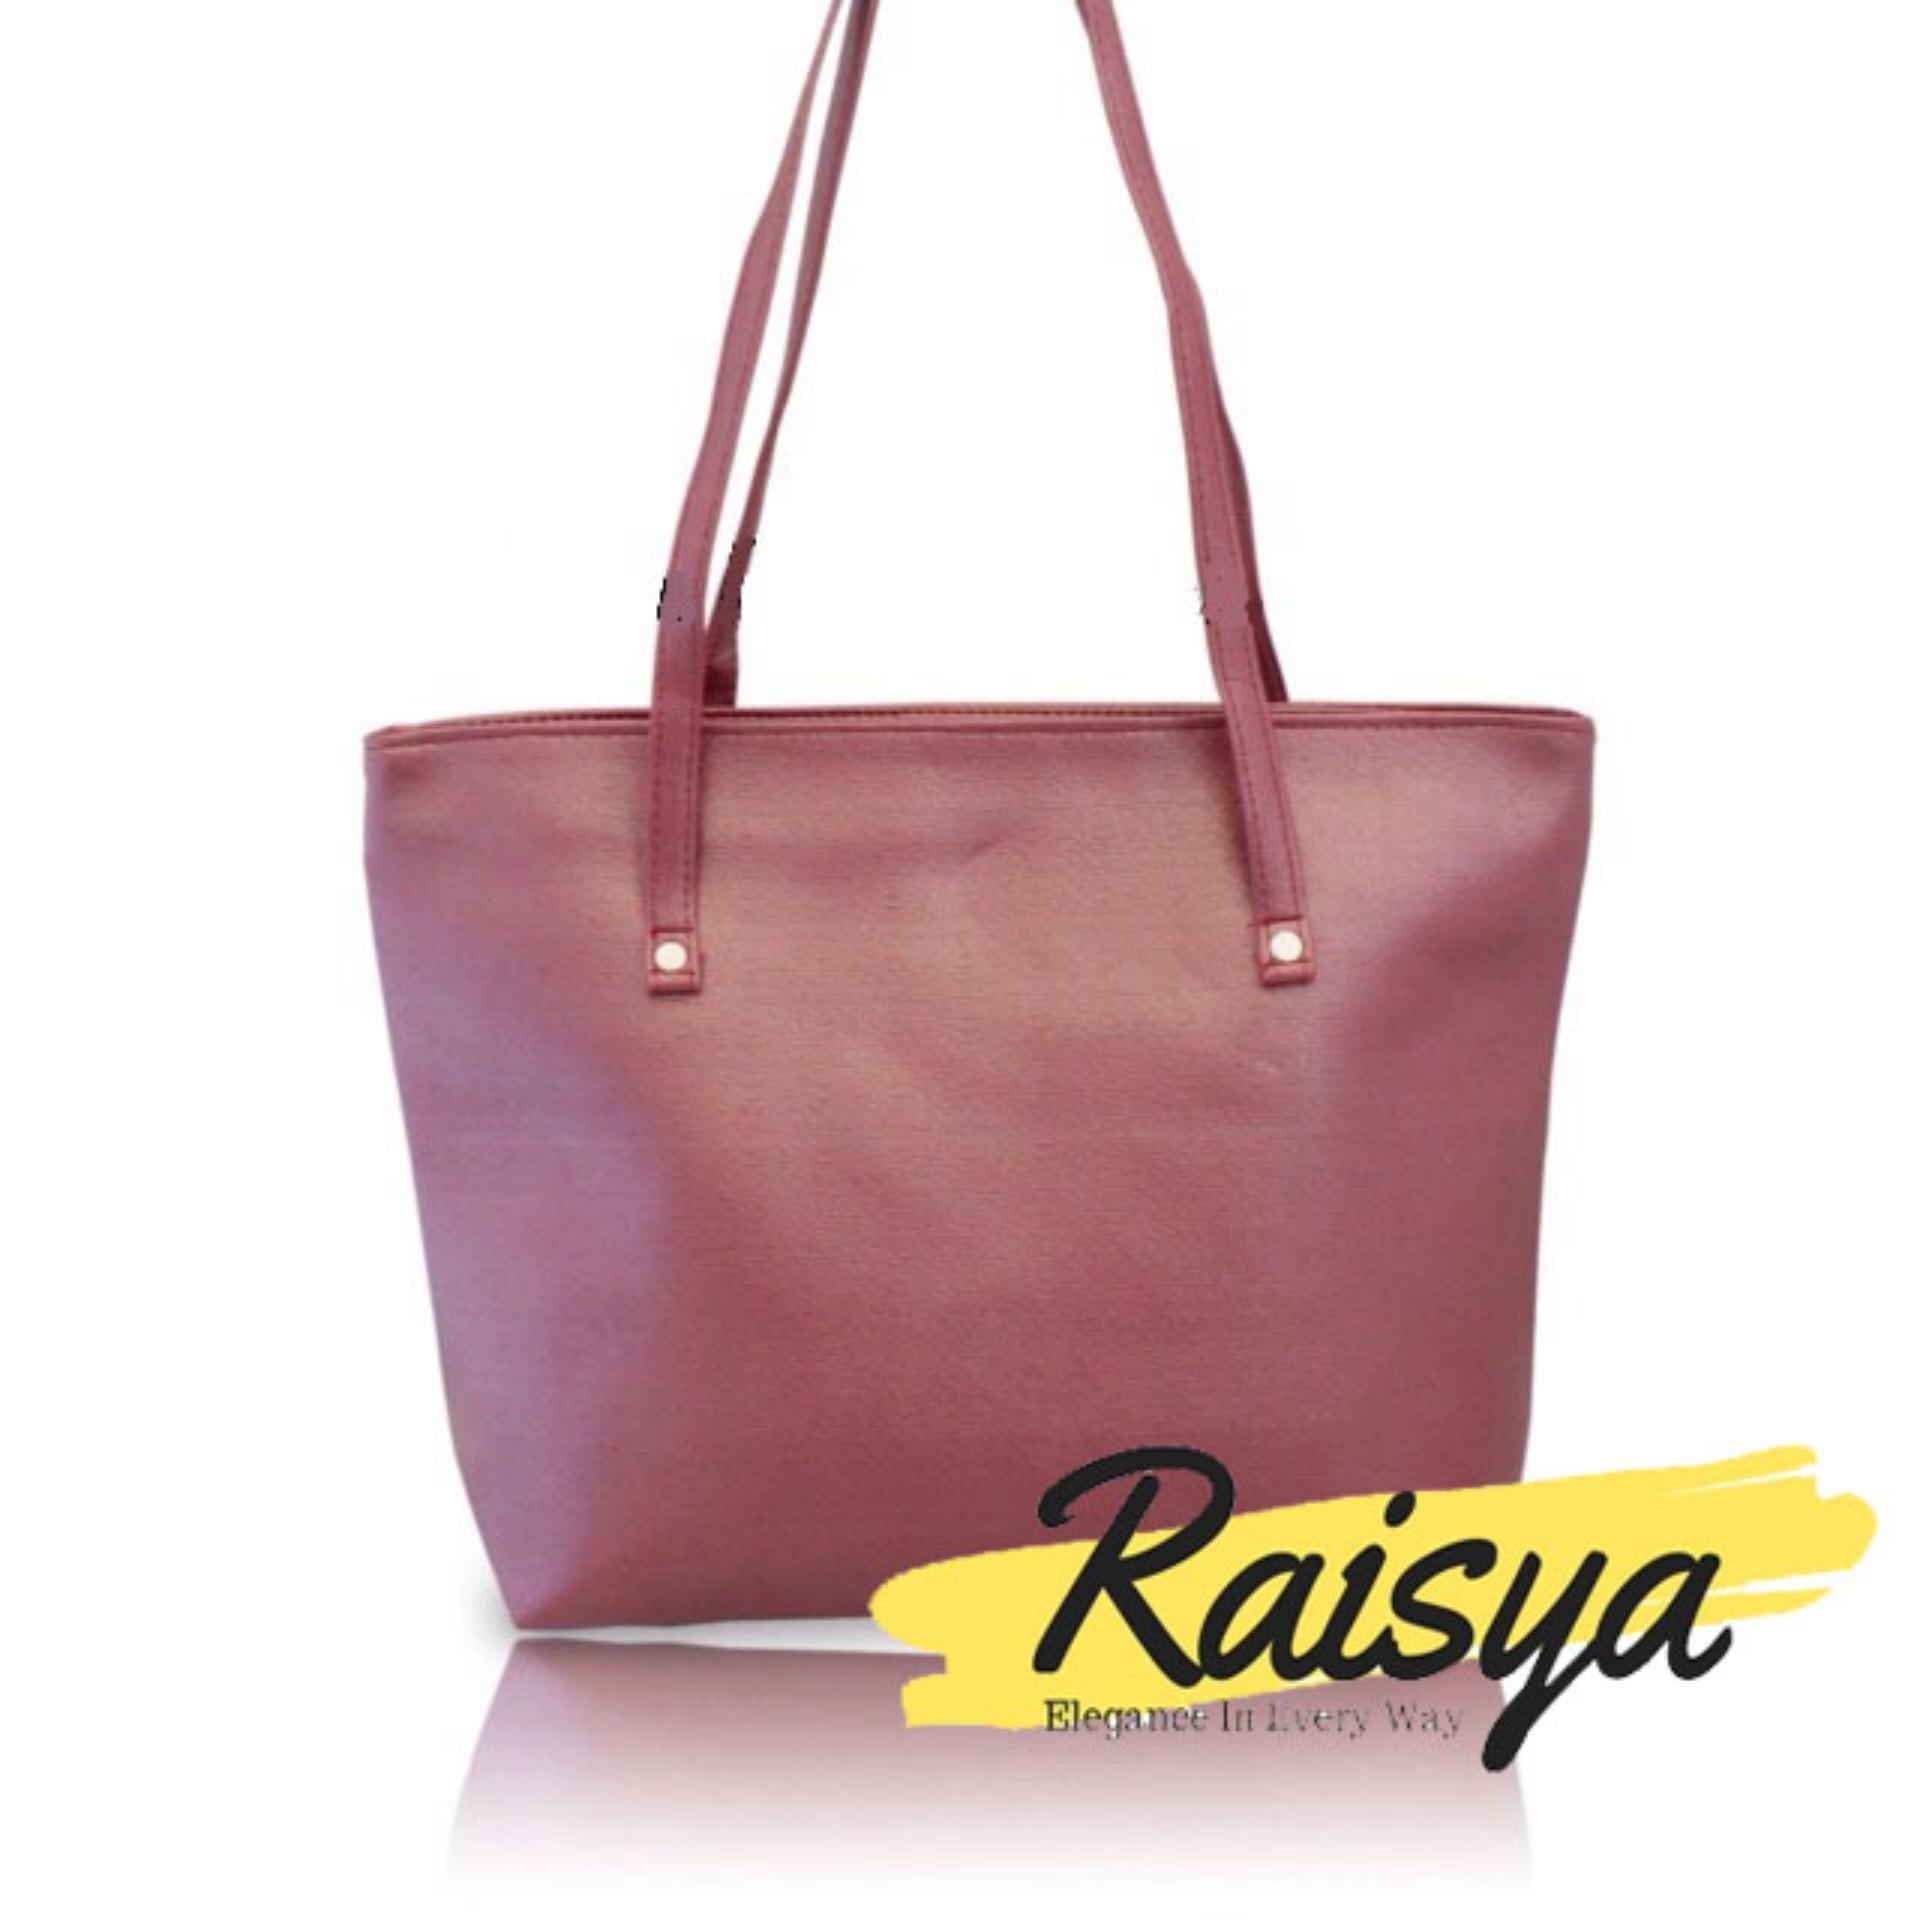 Raisya Tas Fashion New Tote Bag Kulit Polos - Maroon